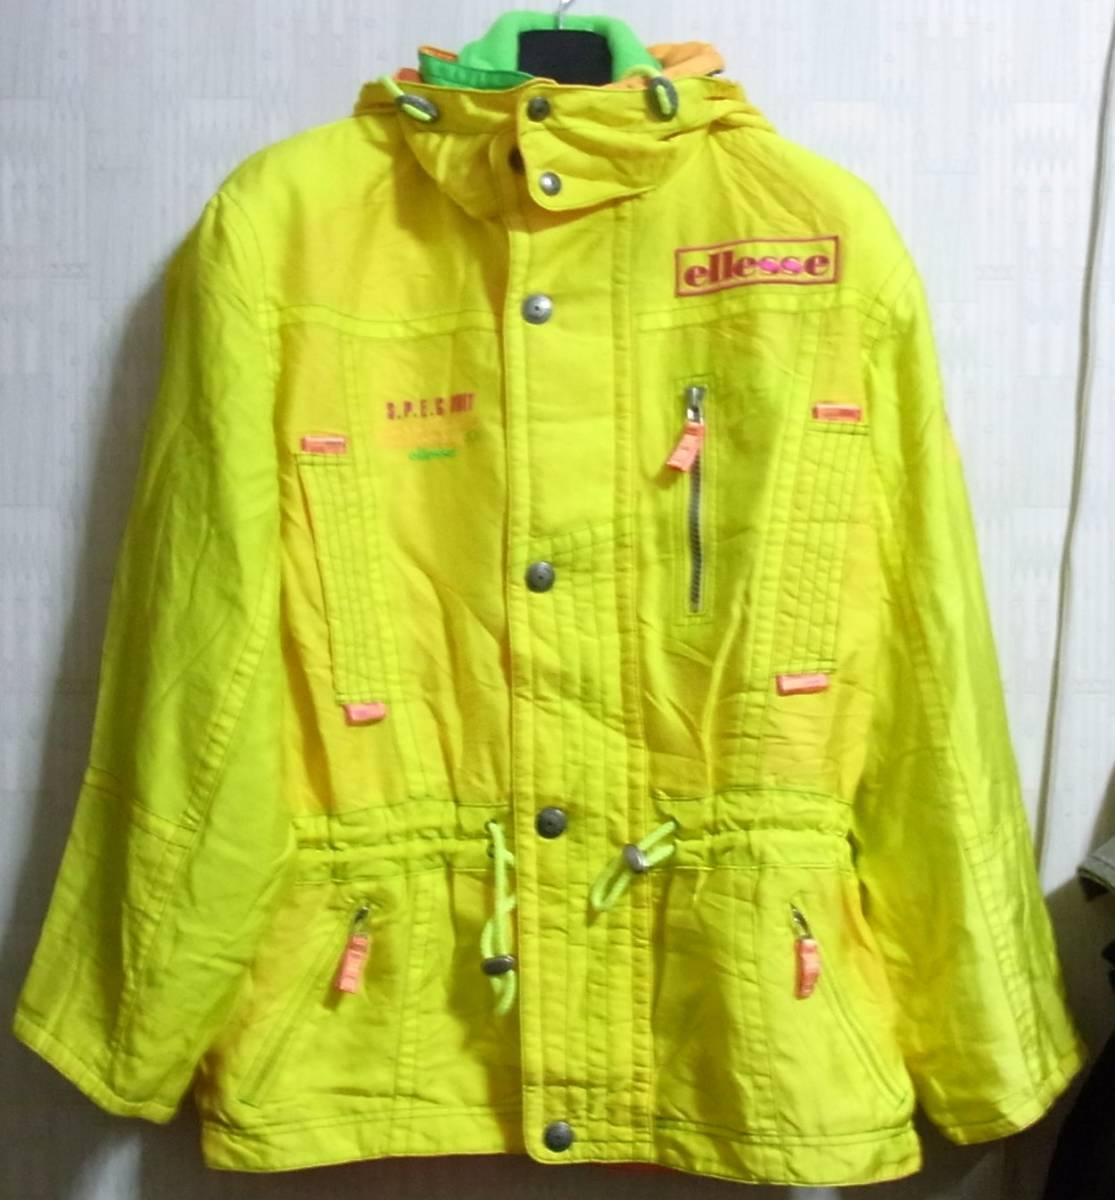 ellesse エレッセ スキーウェア 上下 ジャケット スキーパンツ イエロー ホワイト 黄 白